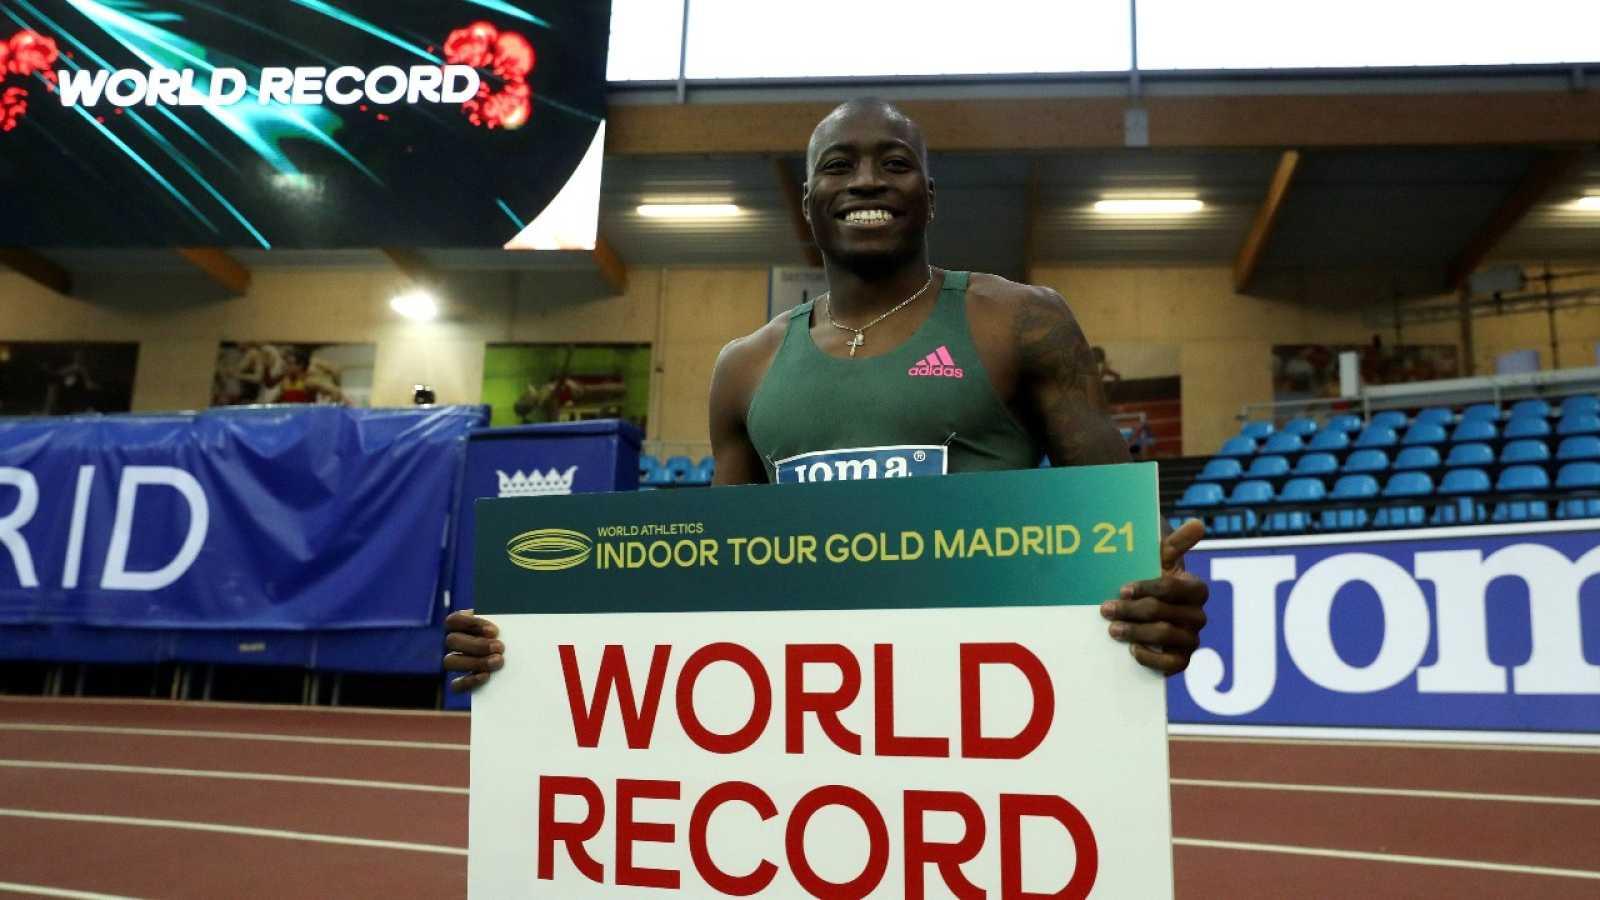 Holloway bate el récord mundial de 60 m vallas con 7.29 en Madrid